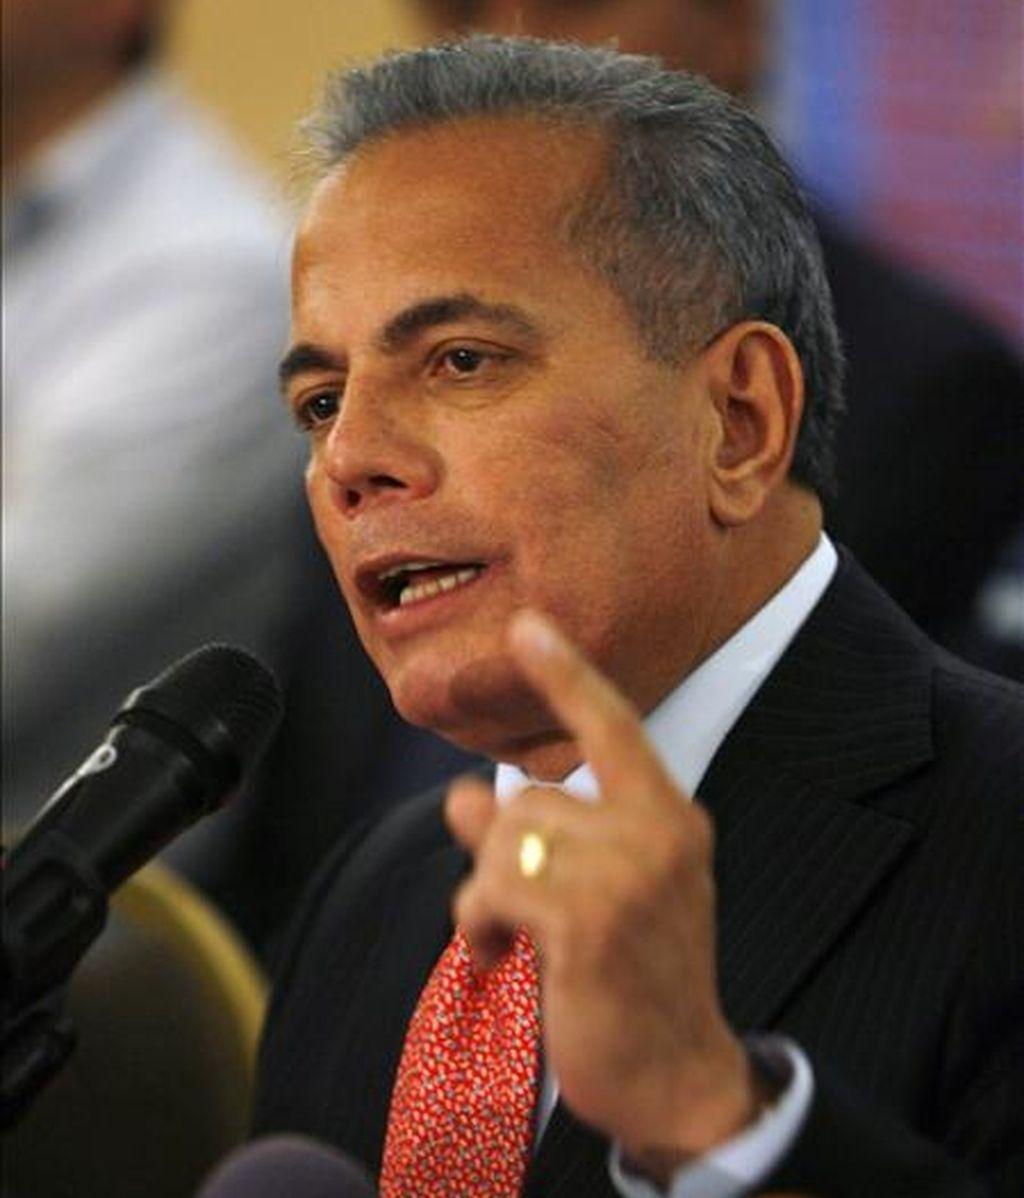 Rosales fue imputado por la Fiscalía el 11 de diciembre de 2008 con base en un informe del 19 de julio de 2007 de la Contraloría General. EFE/Archivo